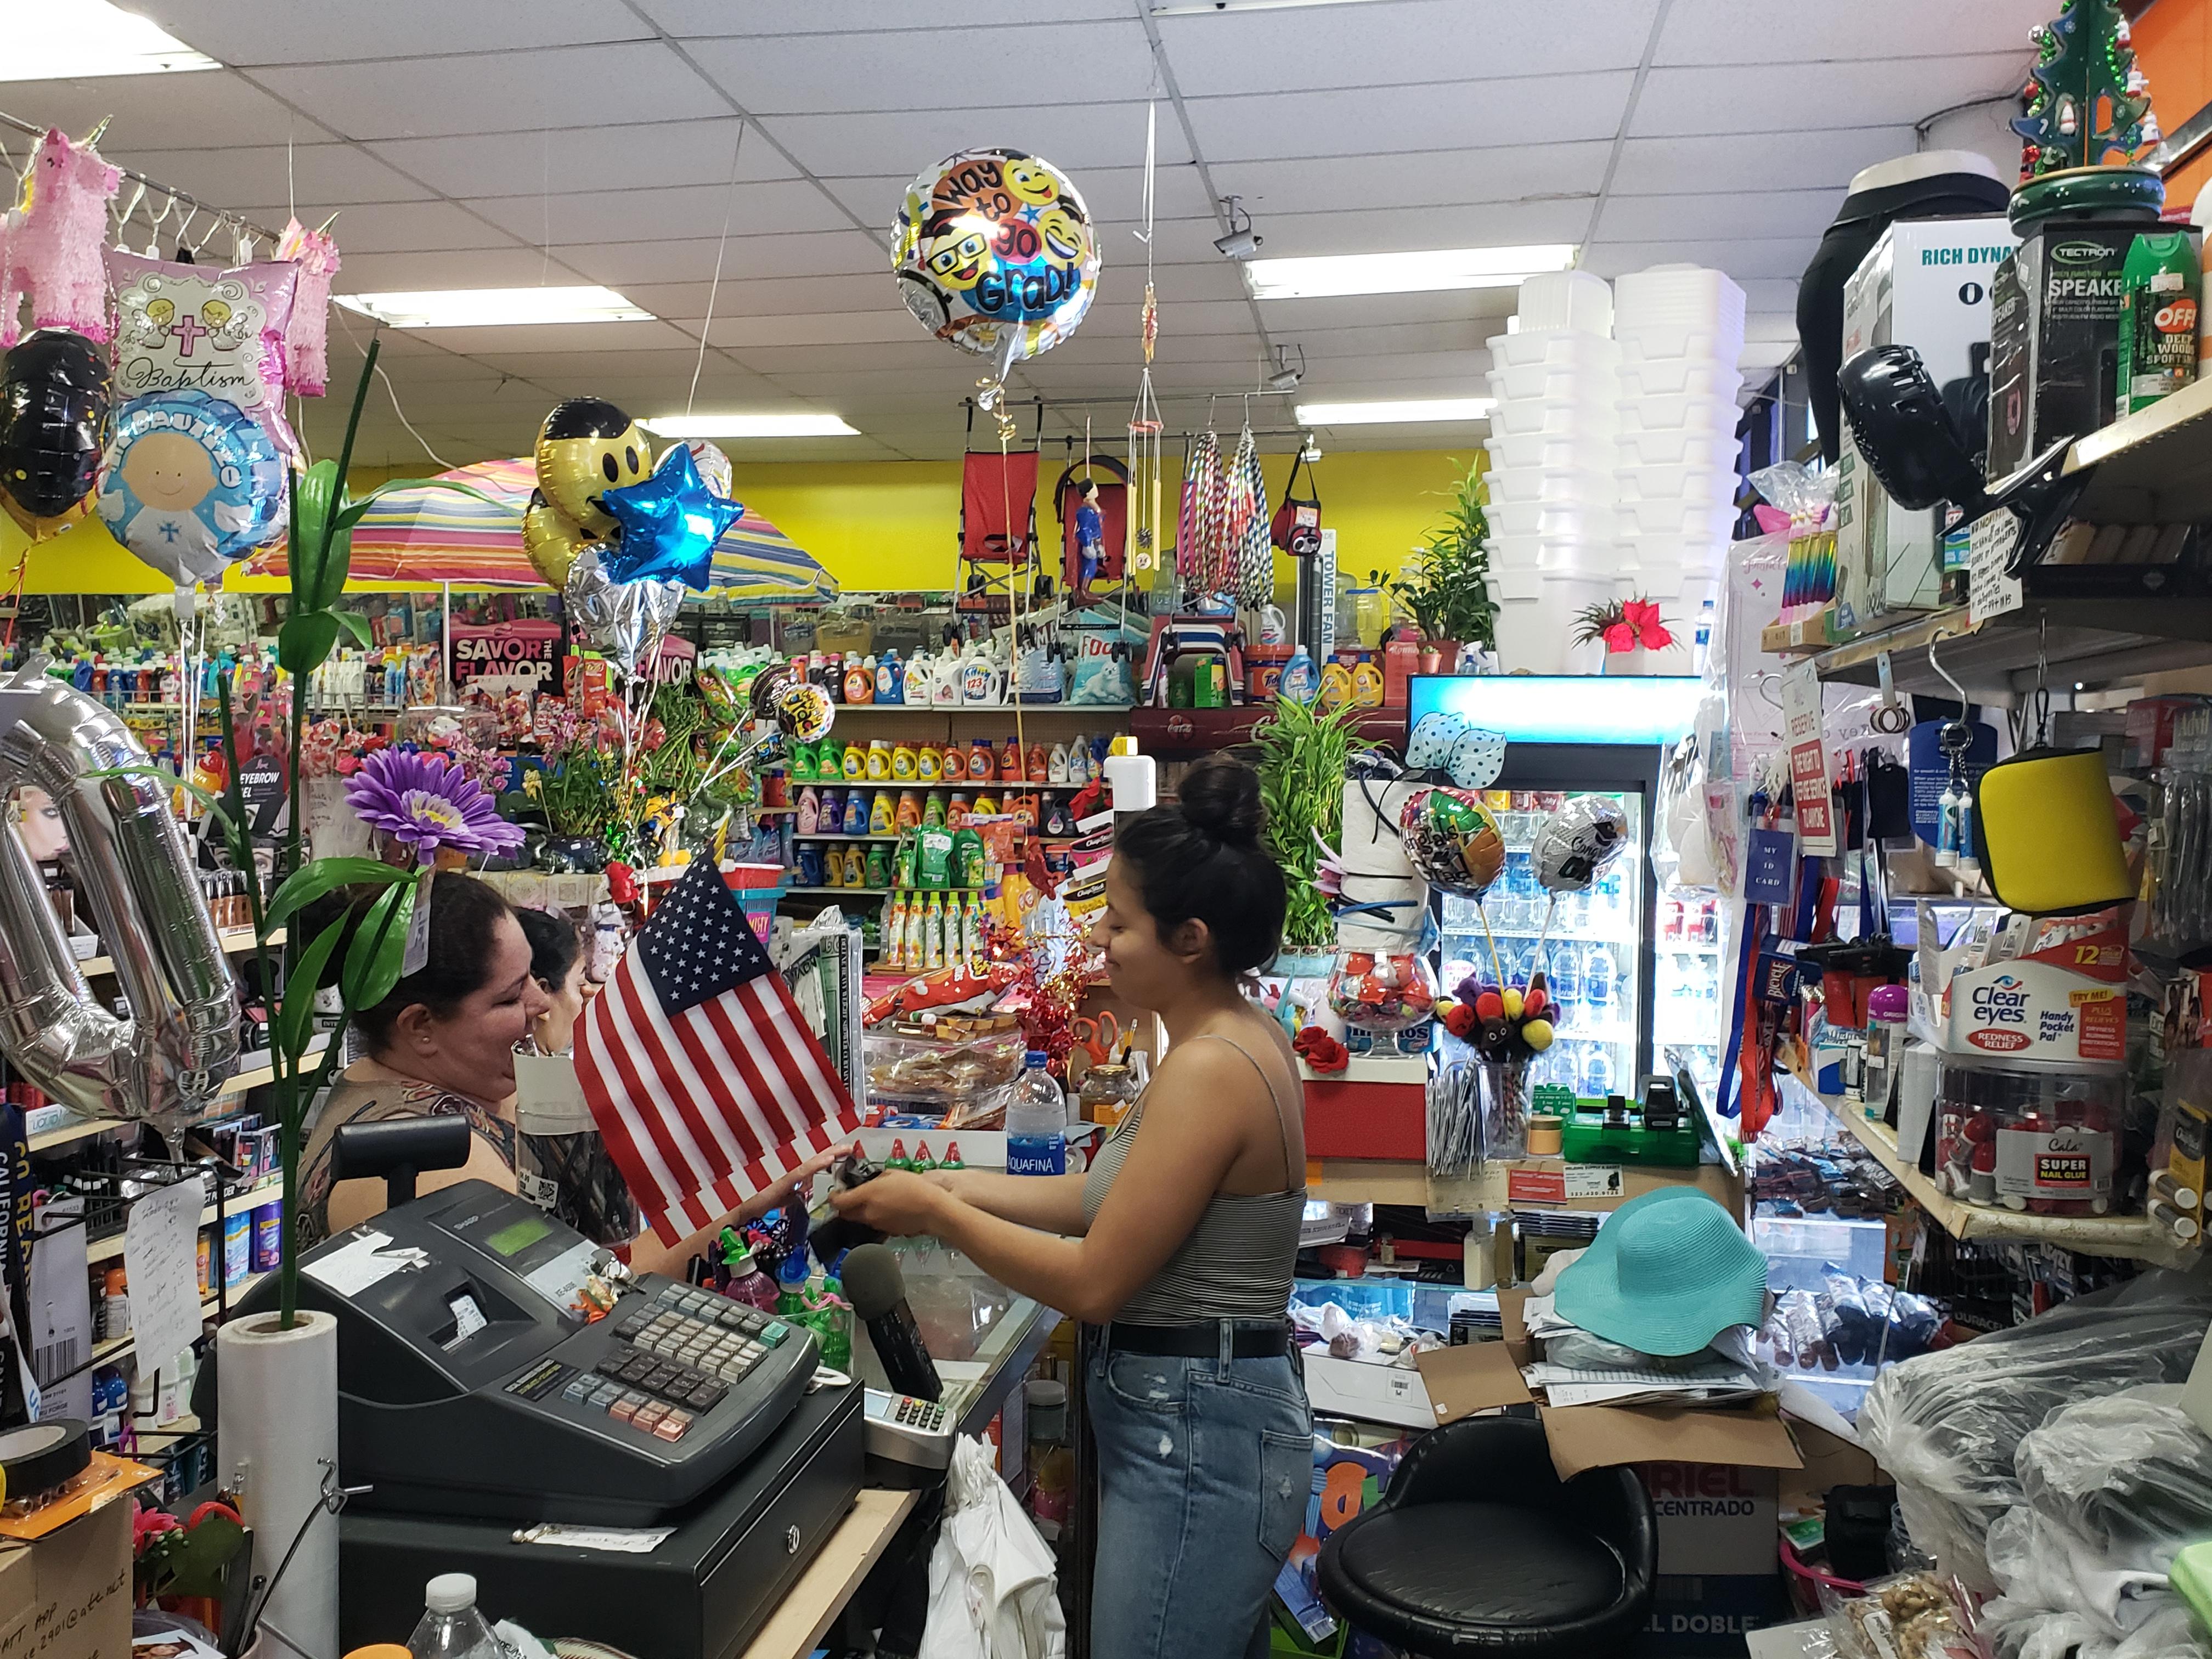 Aurora de Luna, trabaja en la tienda de su abuela y esta lista para seguir su sueno universitario. Foto: Ruben Tapia